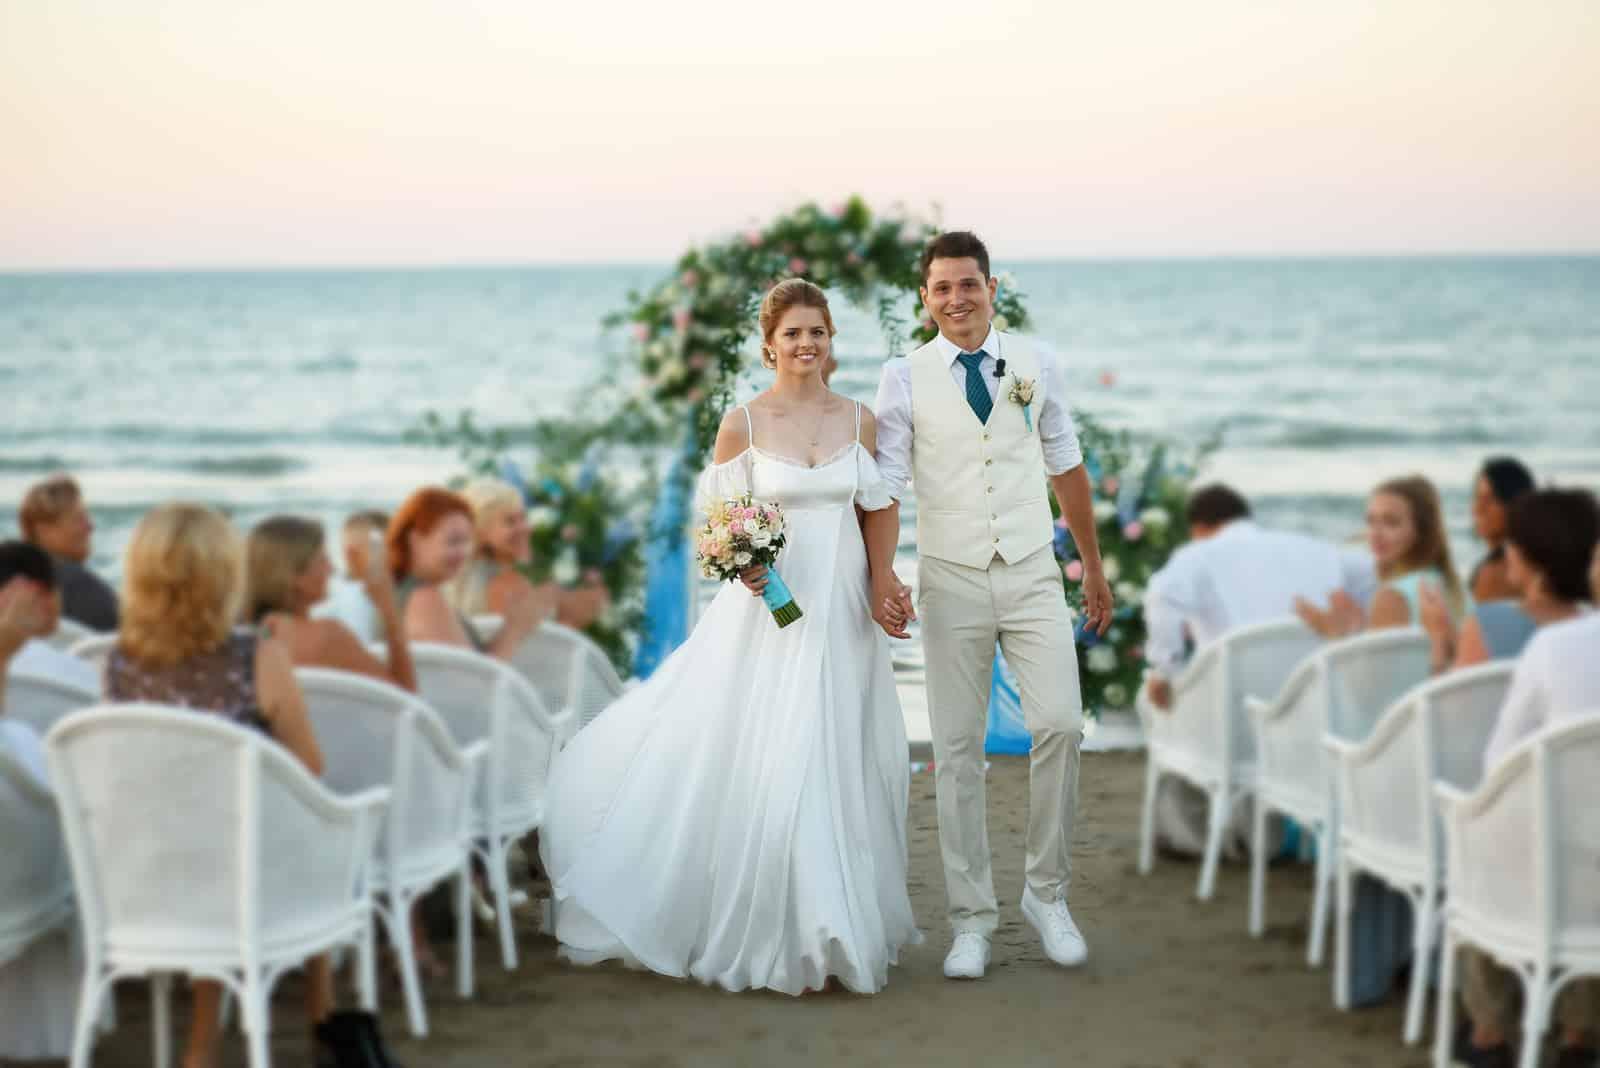 Paar geht vom Hochzeitsaltar